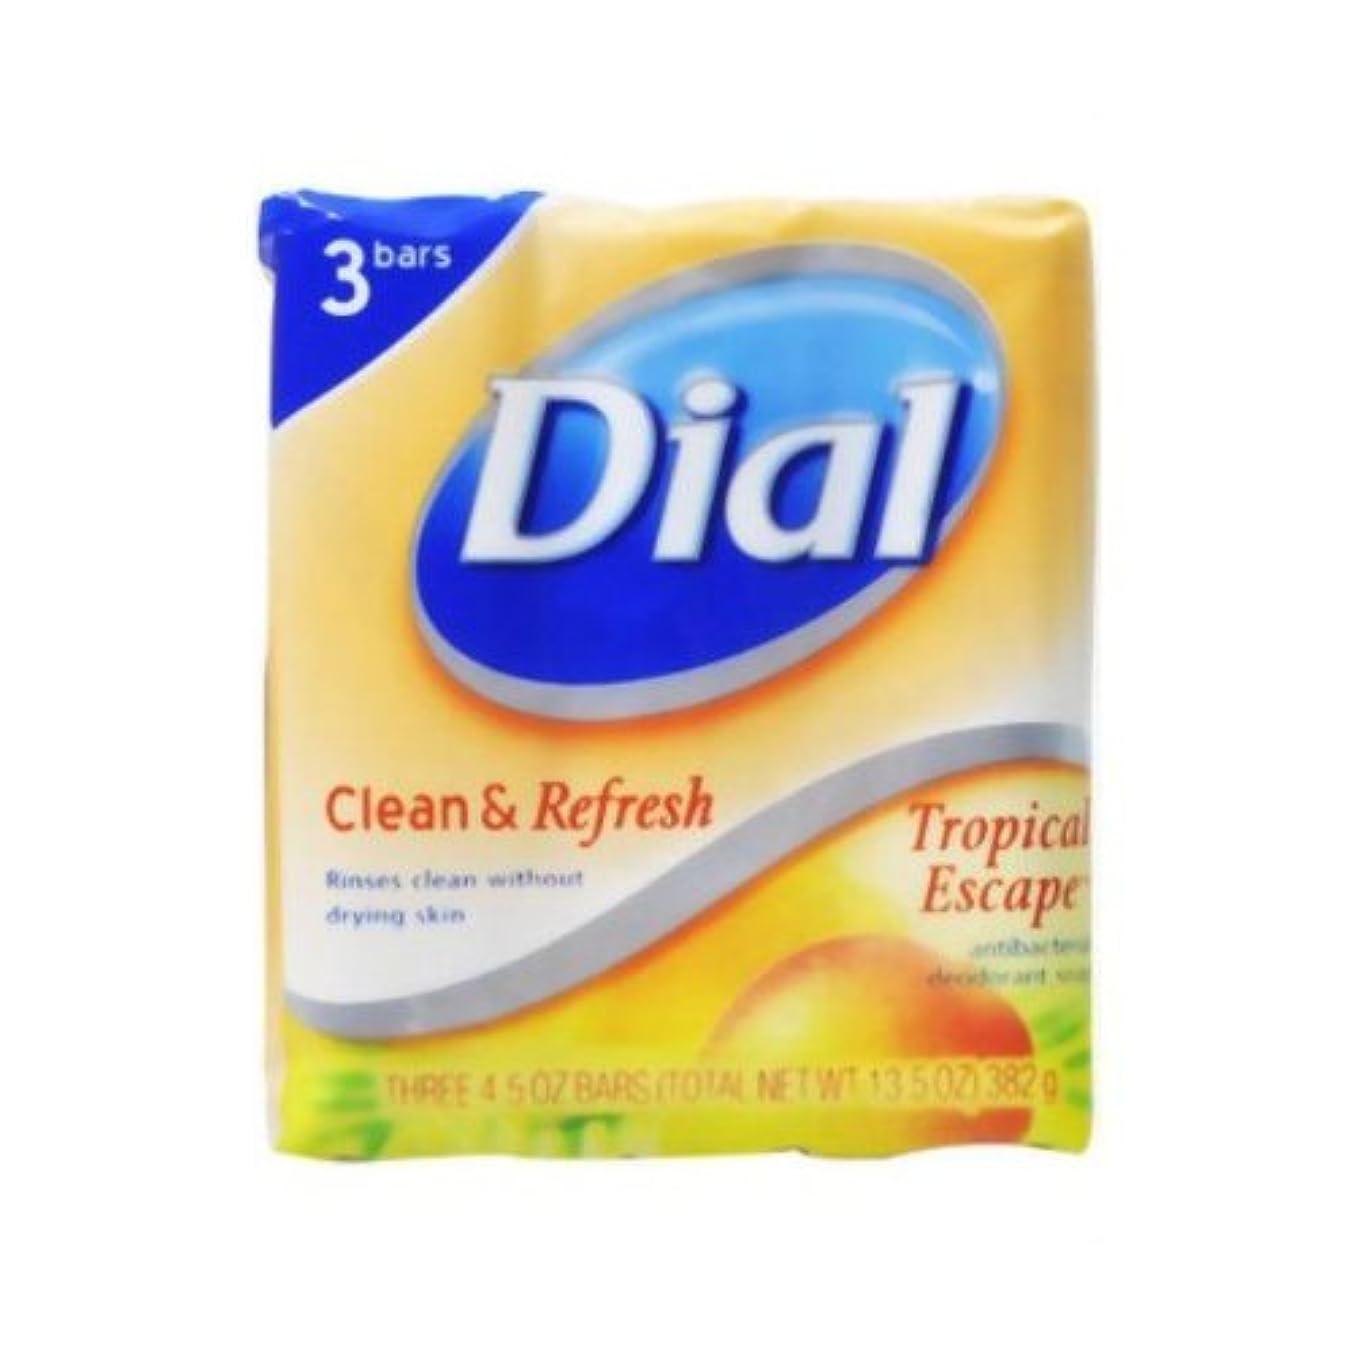 オーストラリアクリエイティブ子供時代【DIAL】ダイアル デオドラント石鹸 トロピカルエスケープ 3個パック